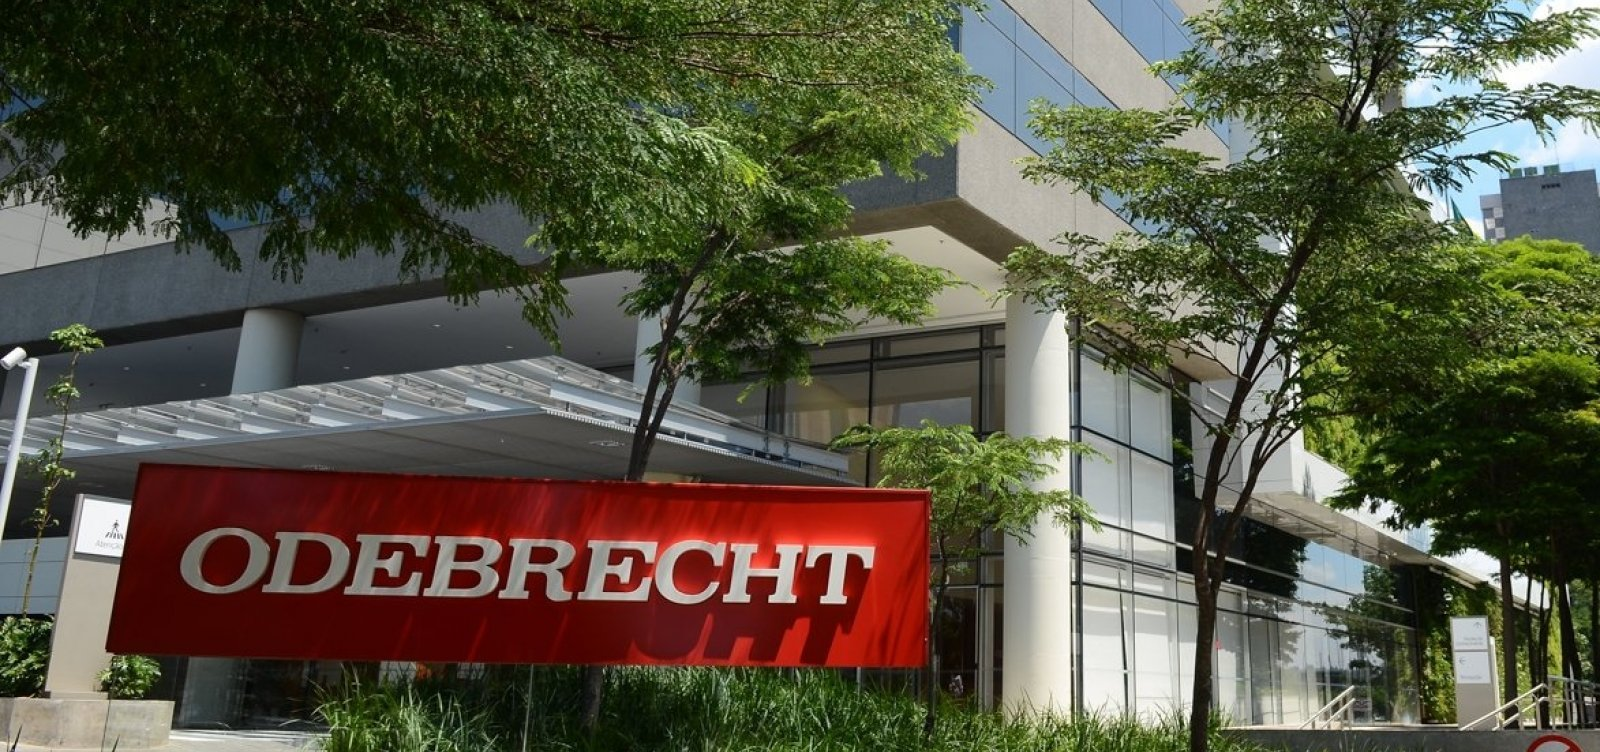 [Justiça concede recuperação judicial da Odebrecht e outras 11 empresas do grupo]